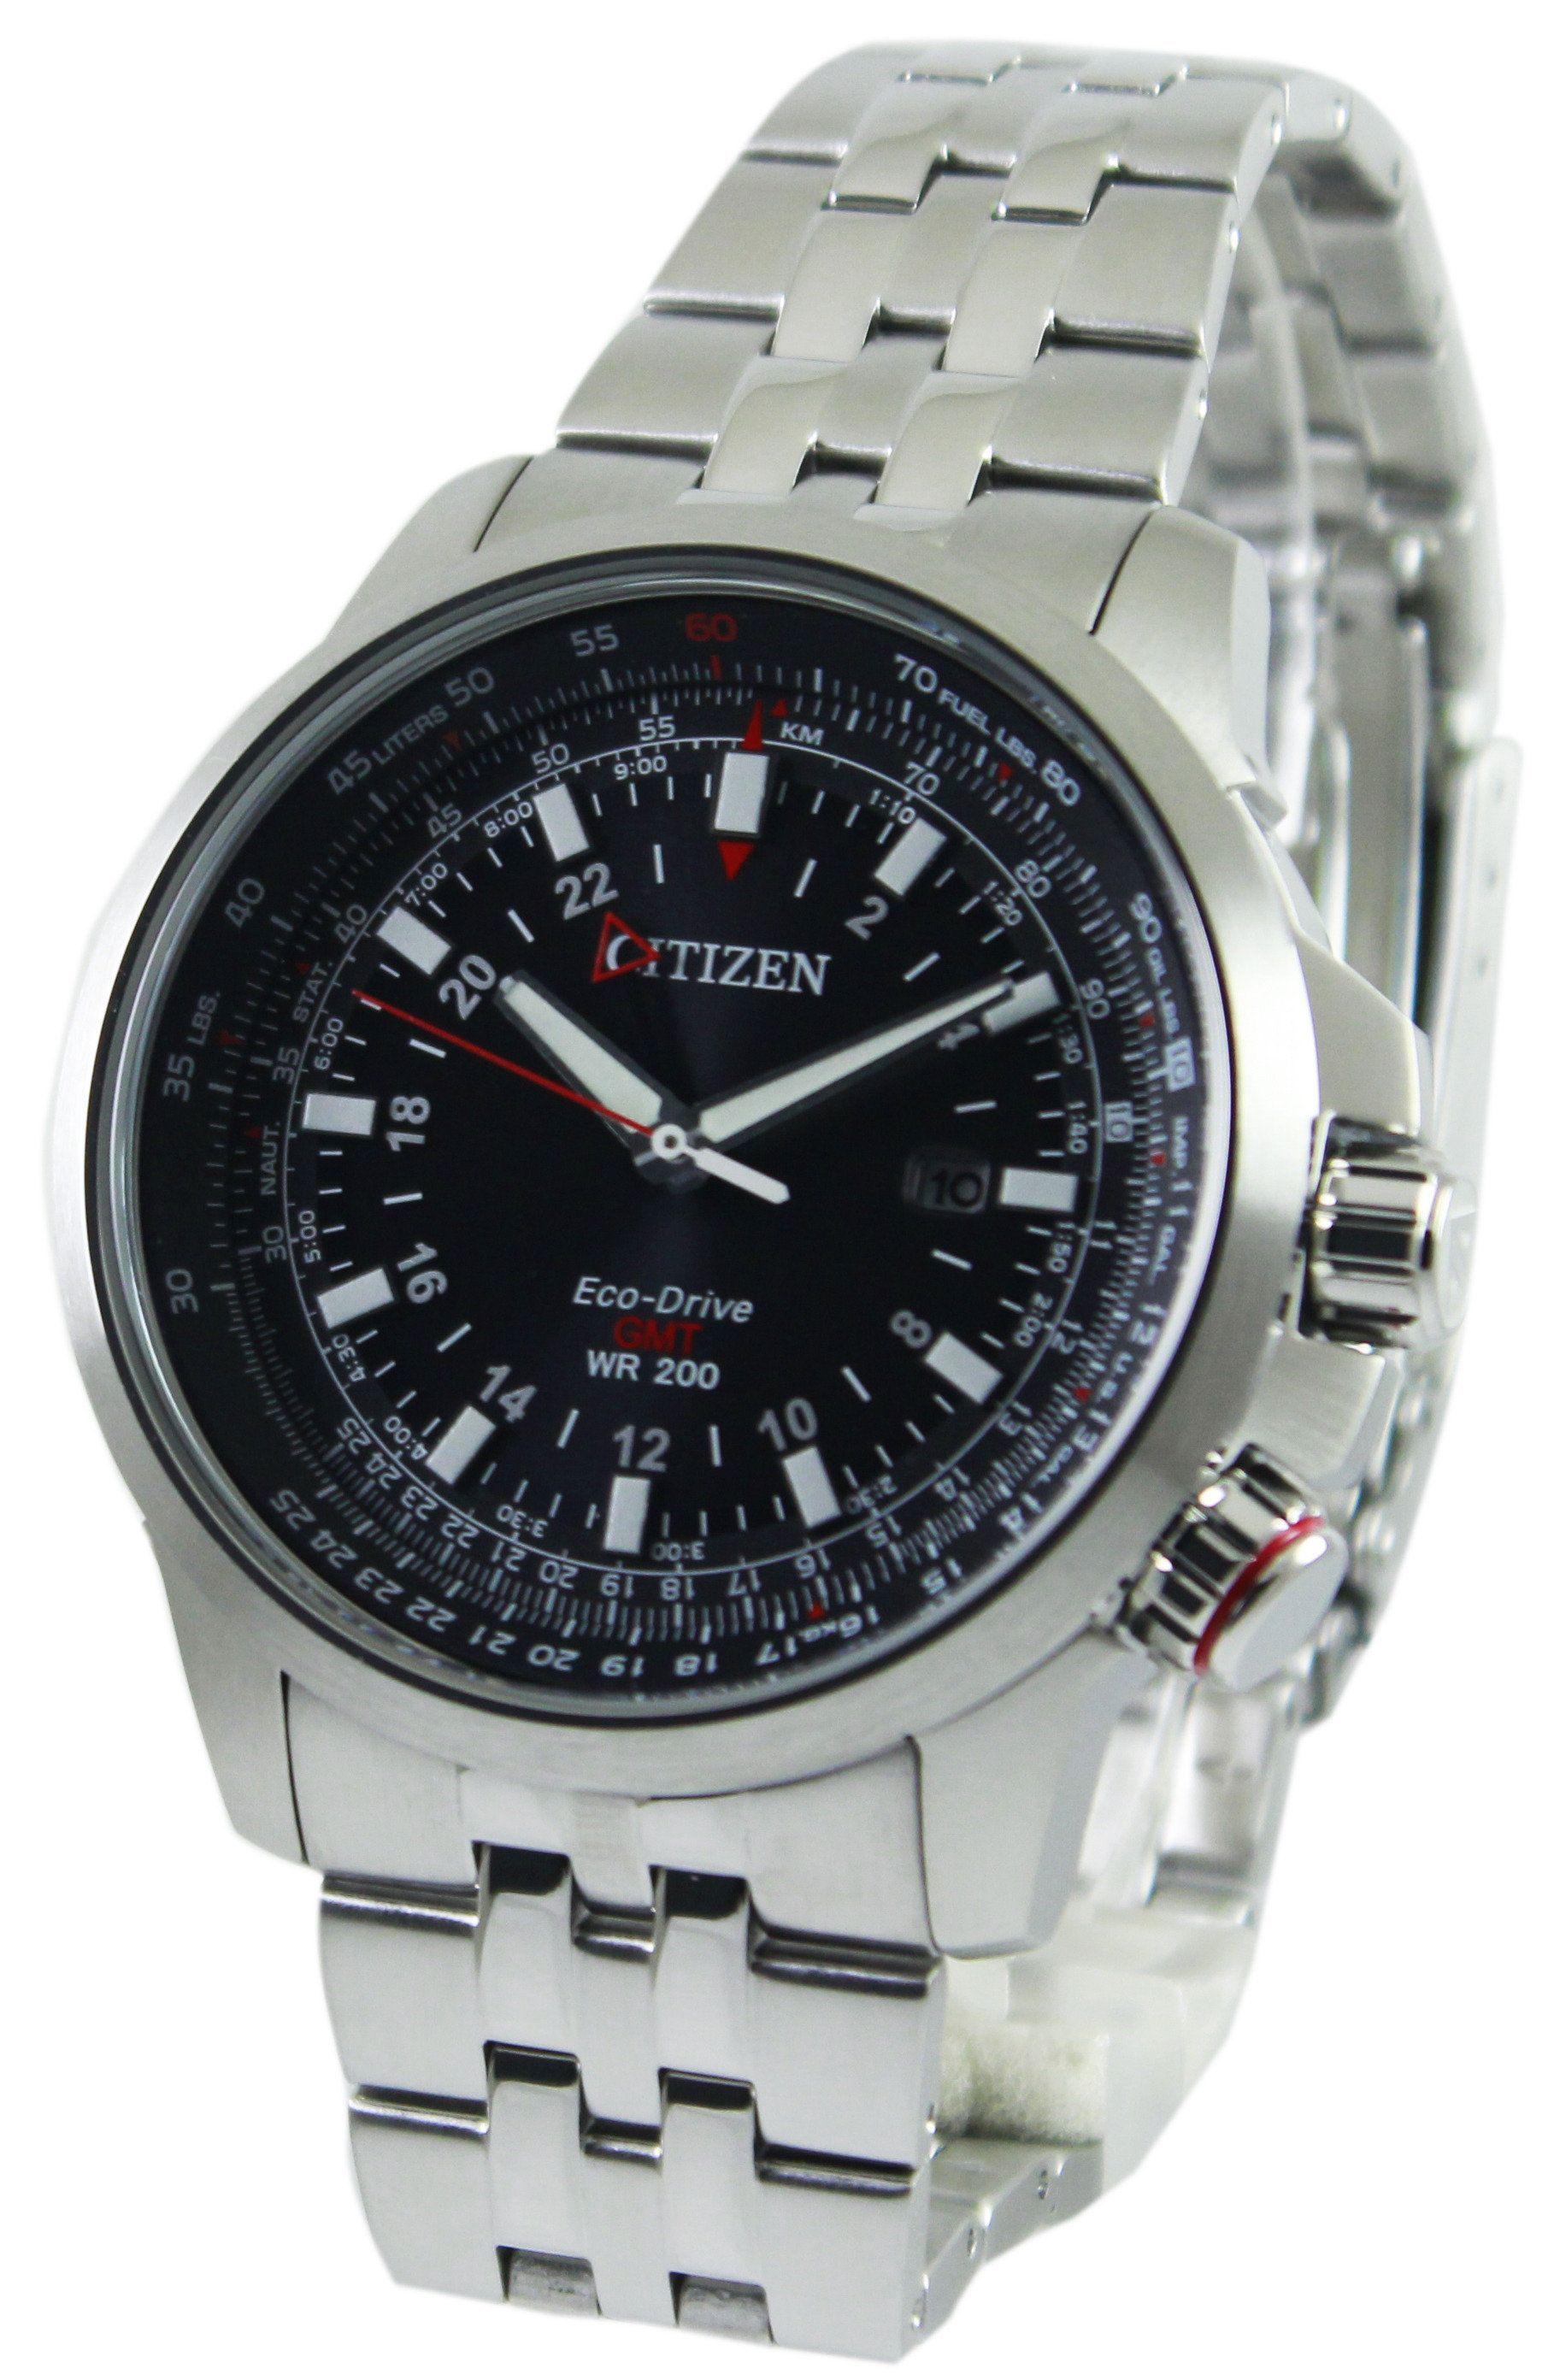 ce5297c5cd0d Citizen Promaster Pilot Eco-Drive GMT 200M BJ7070-57E Men s Watch